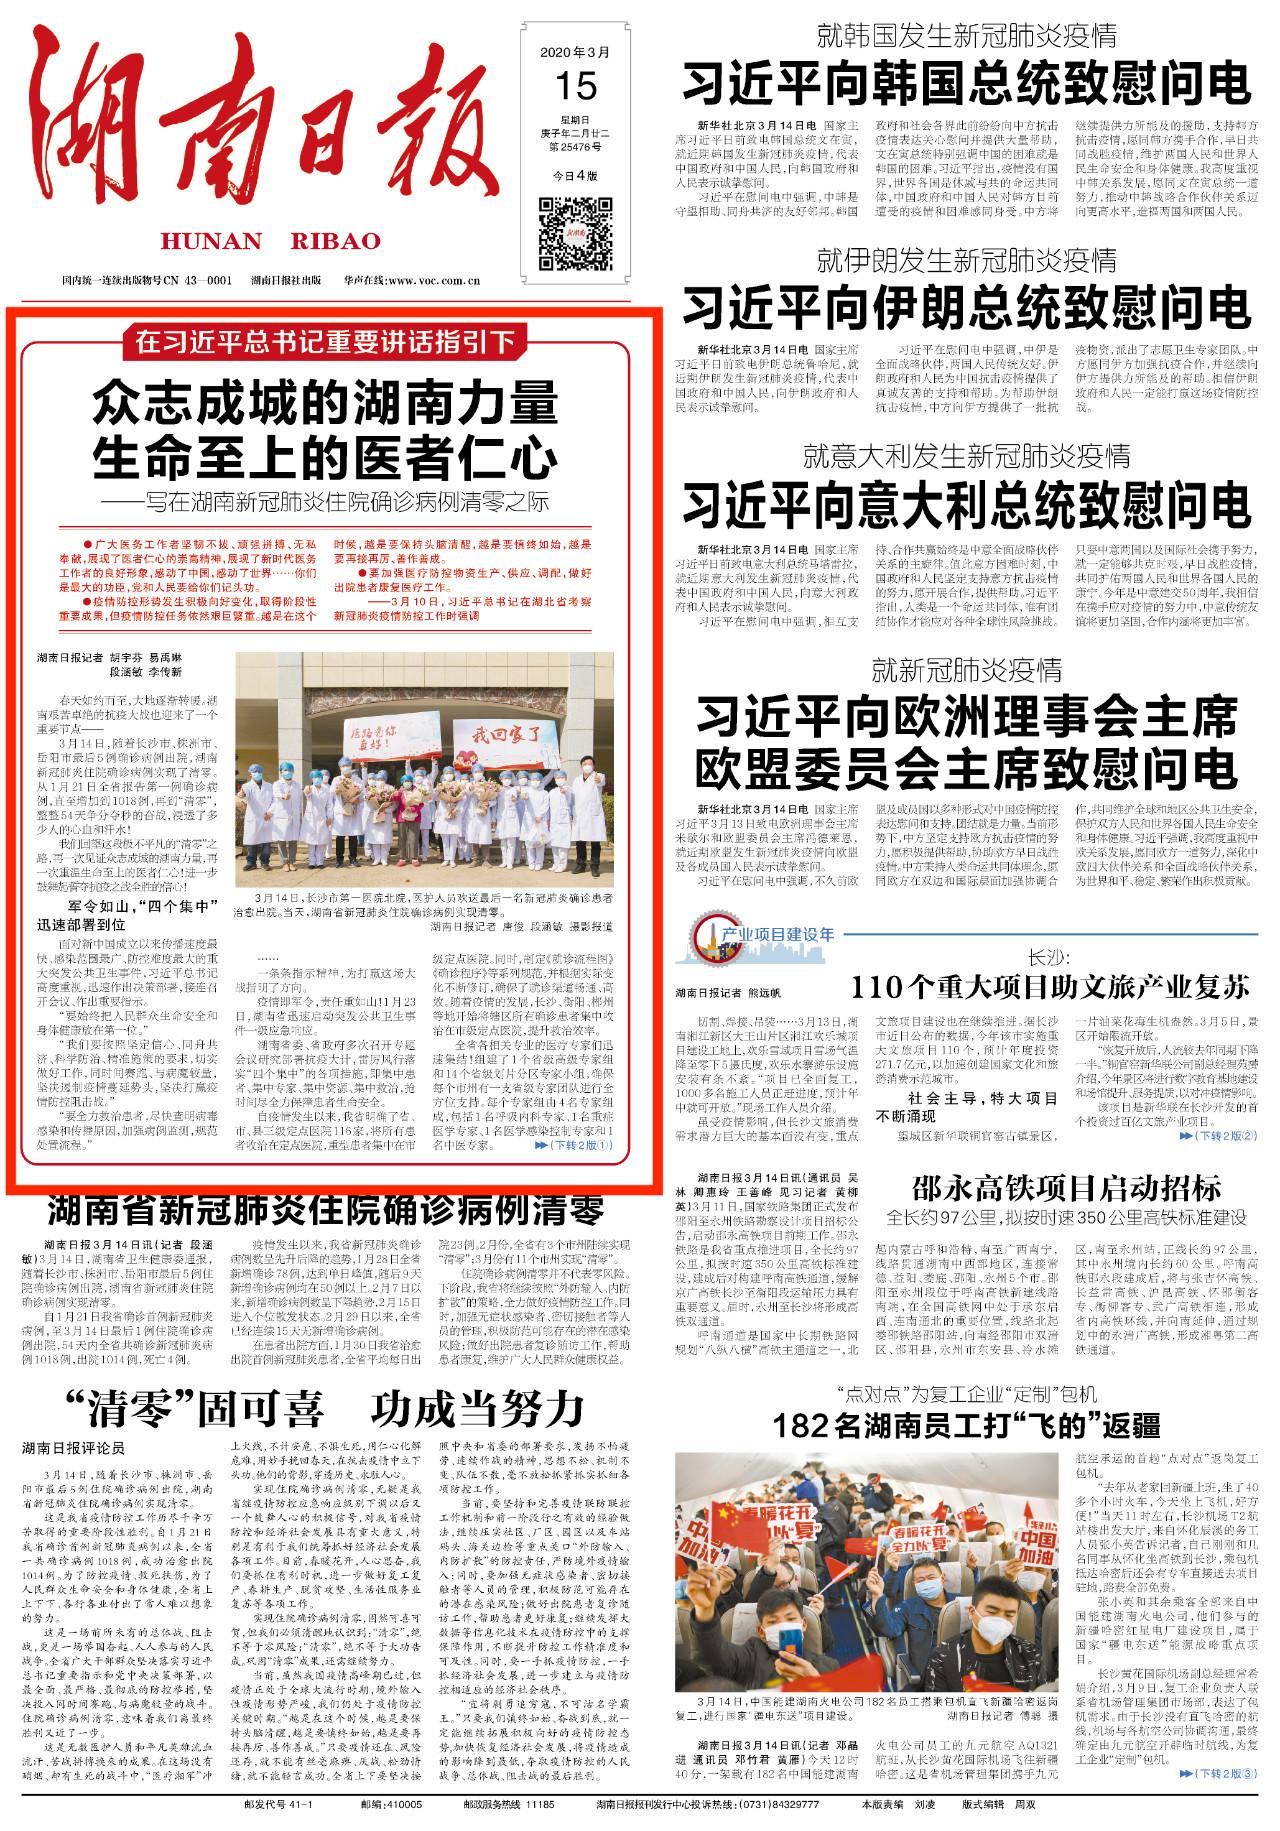 众志成城的湖南力量 生命至上的医者仁心 新湖南www.hunanabc.com